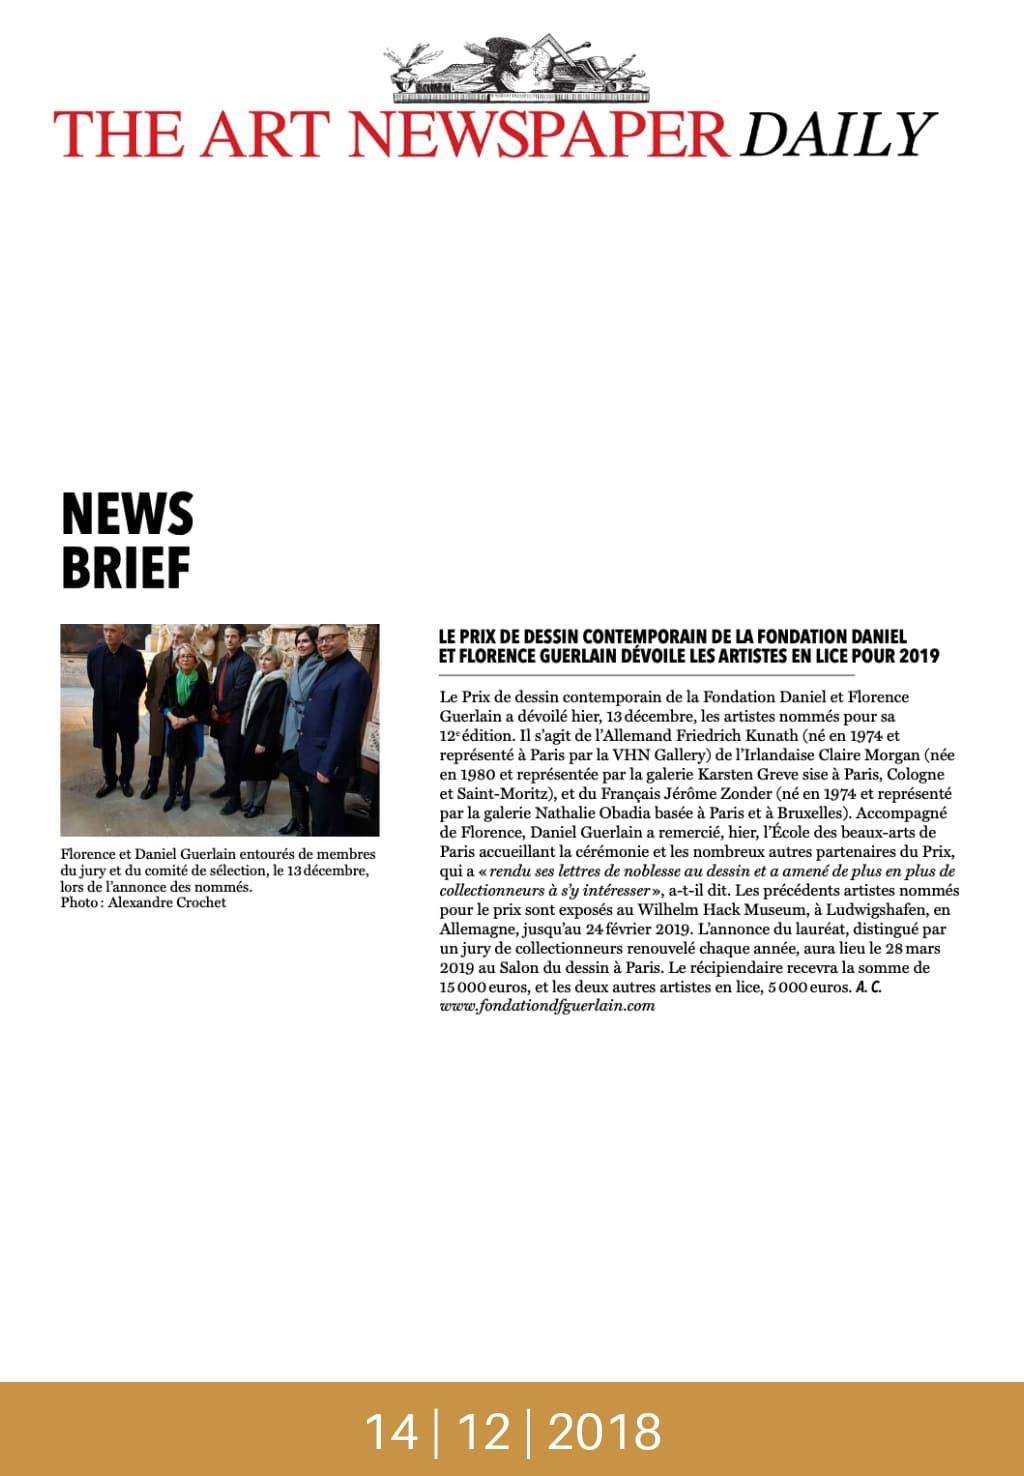 Salon du Dessin 2019, Prix de Dessin contemporain de la Fondation Daniel et Florence Guerlain : les artistes en lice. Article de The Art Newspaper Daily, le 14 décembre 2018